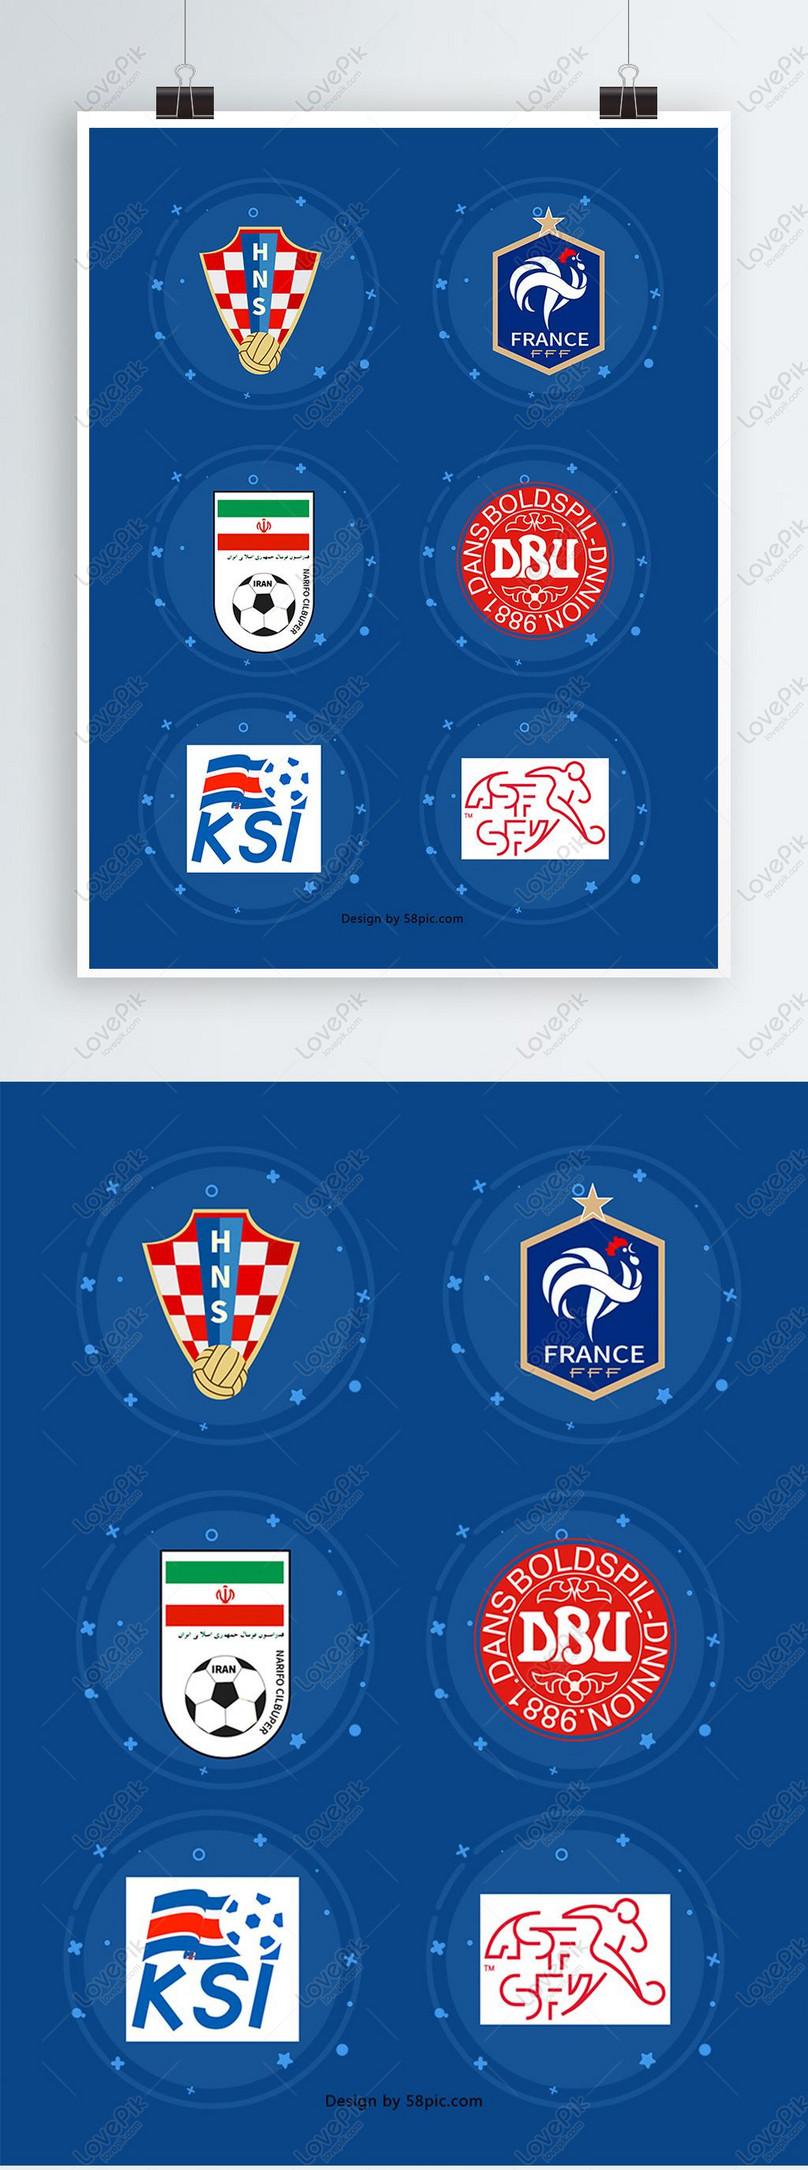 Desain Elemen Logo Tim Piala Dunia Gambar Unduh Gratis